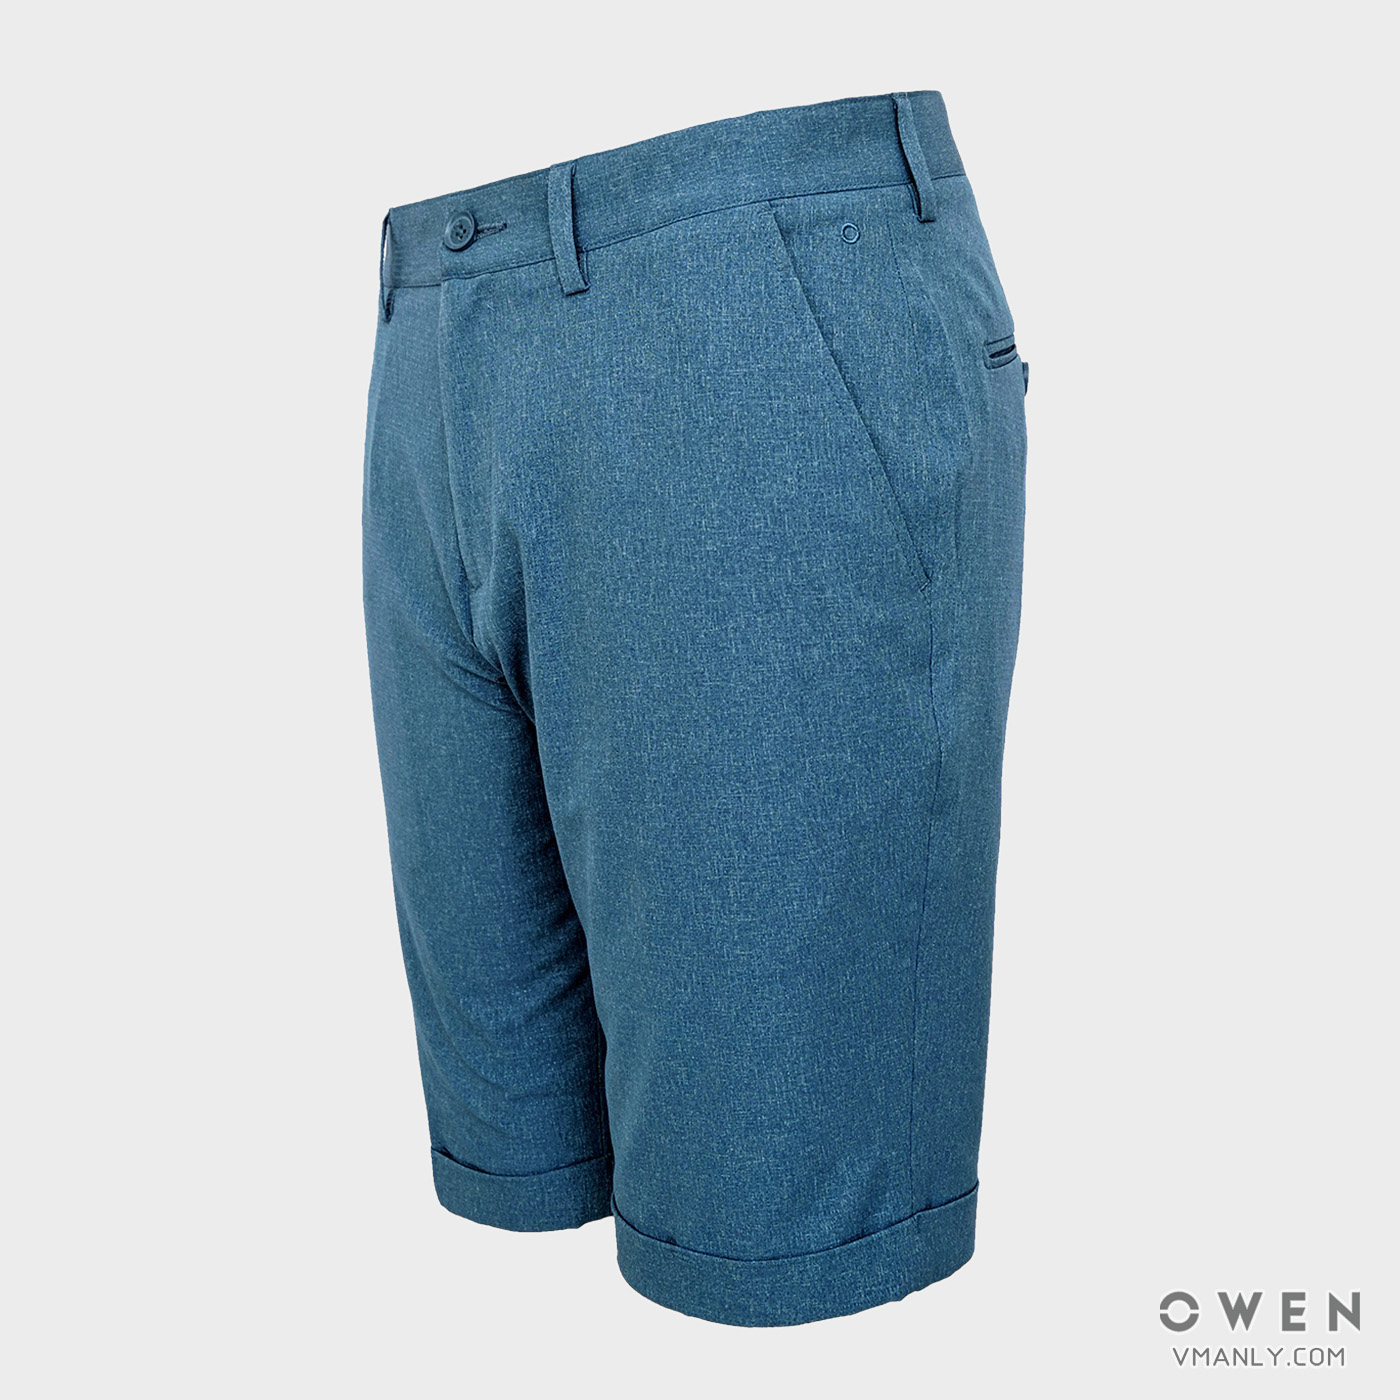 Quần short nam Owen màu xanh nhạt SV91239